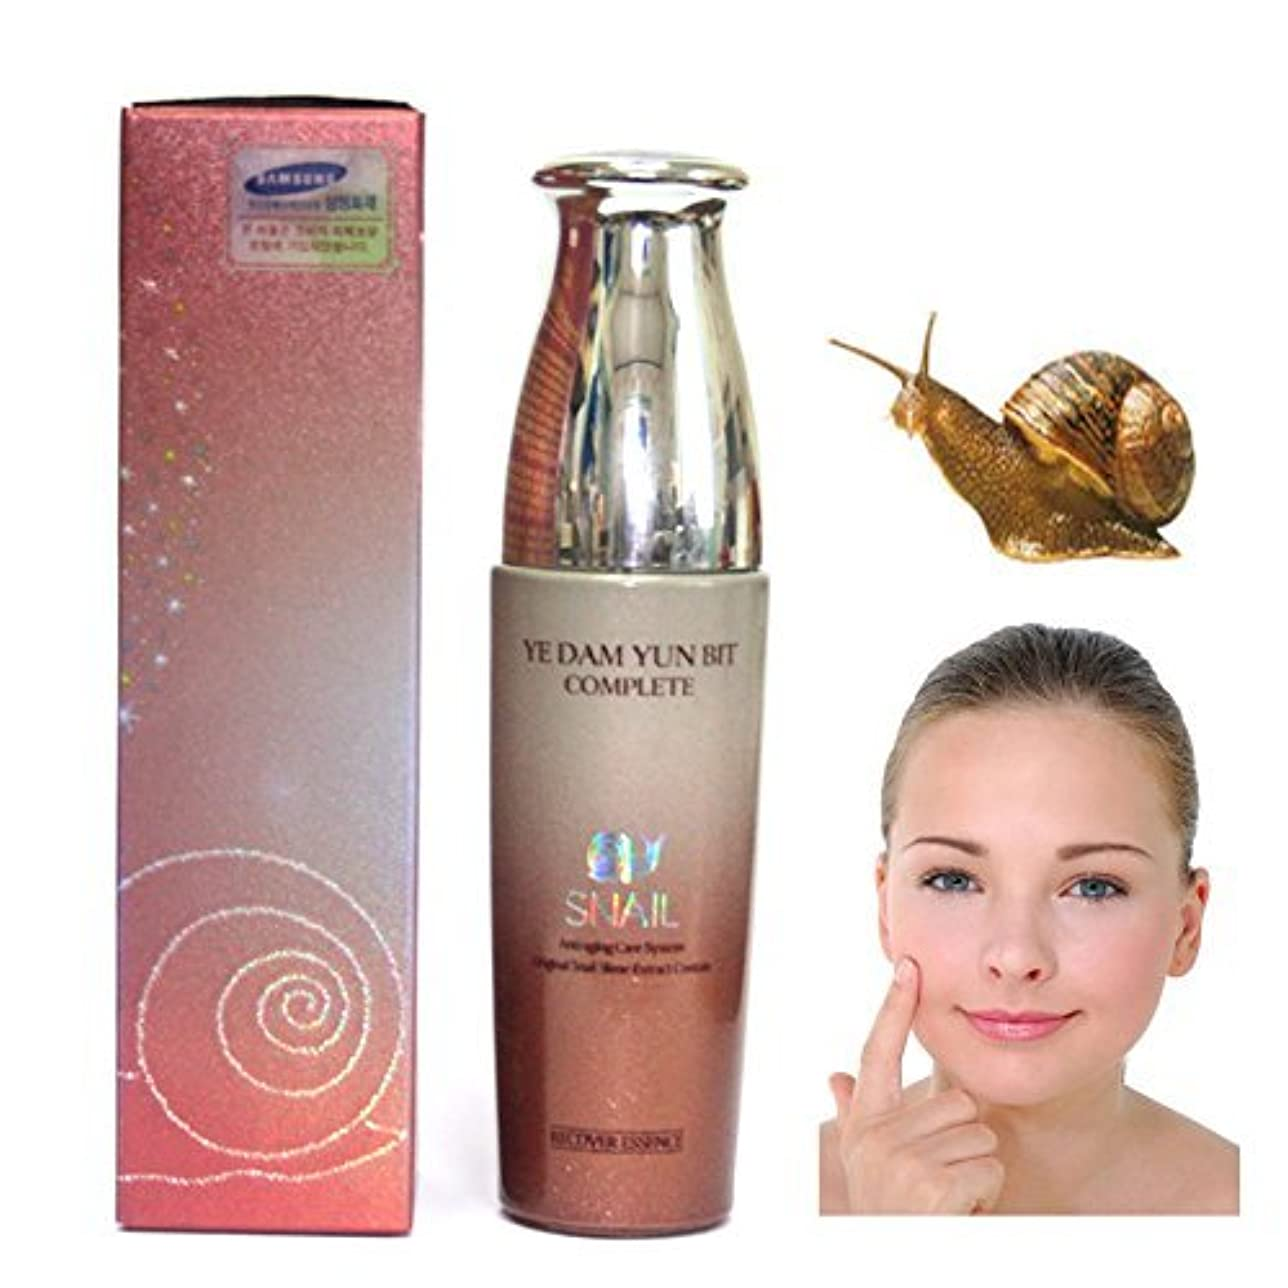 他のバンドでワイン稚魚[YEDAM YUN BIT] 完璧なスキンカタツムリ女エッセンス50ml/COMPLETE SKIN Snail Woman Essence 50ml/韓国化粧品/Korean cosmetics [並行輸入品]